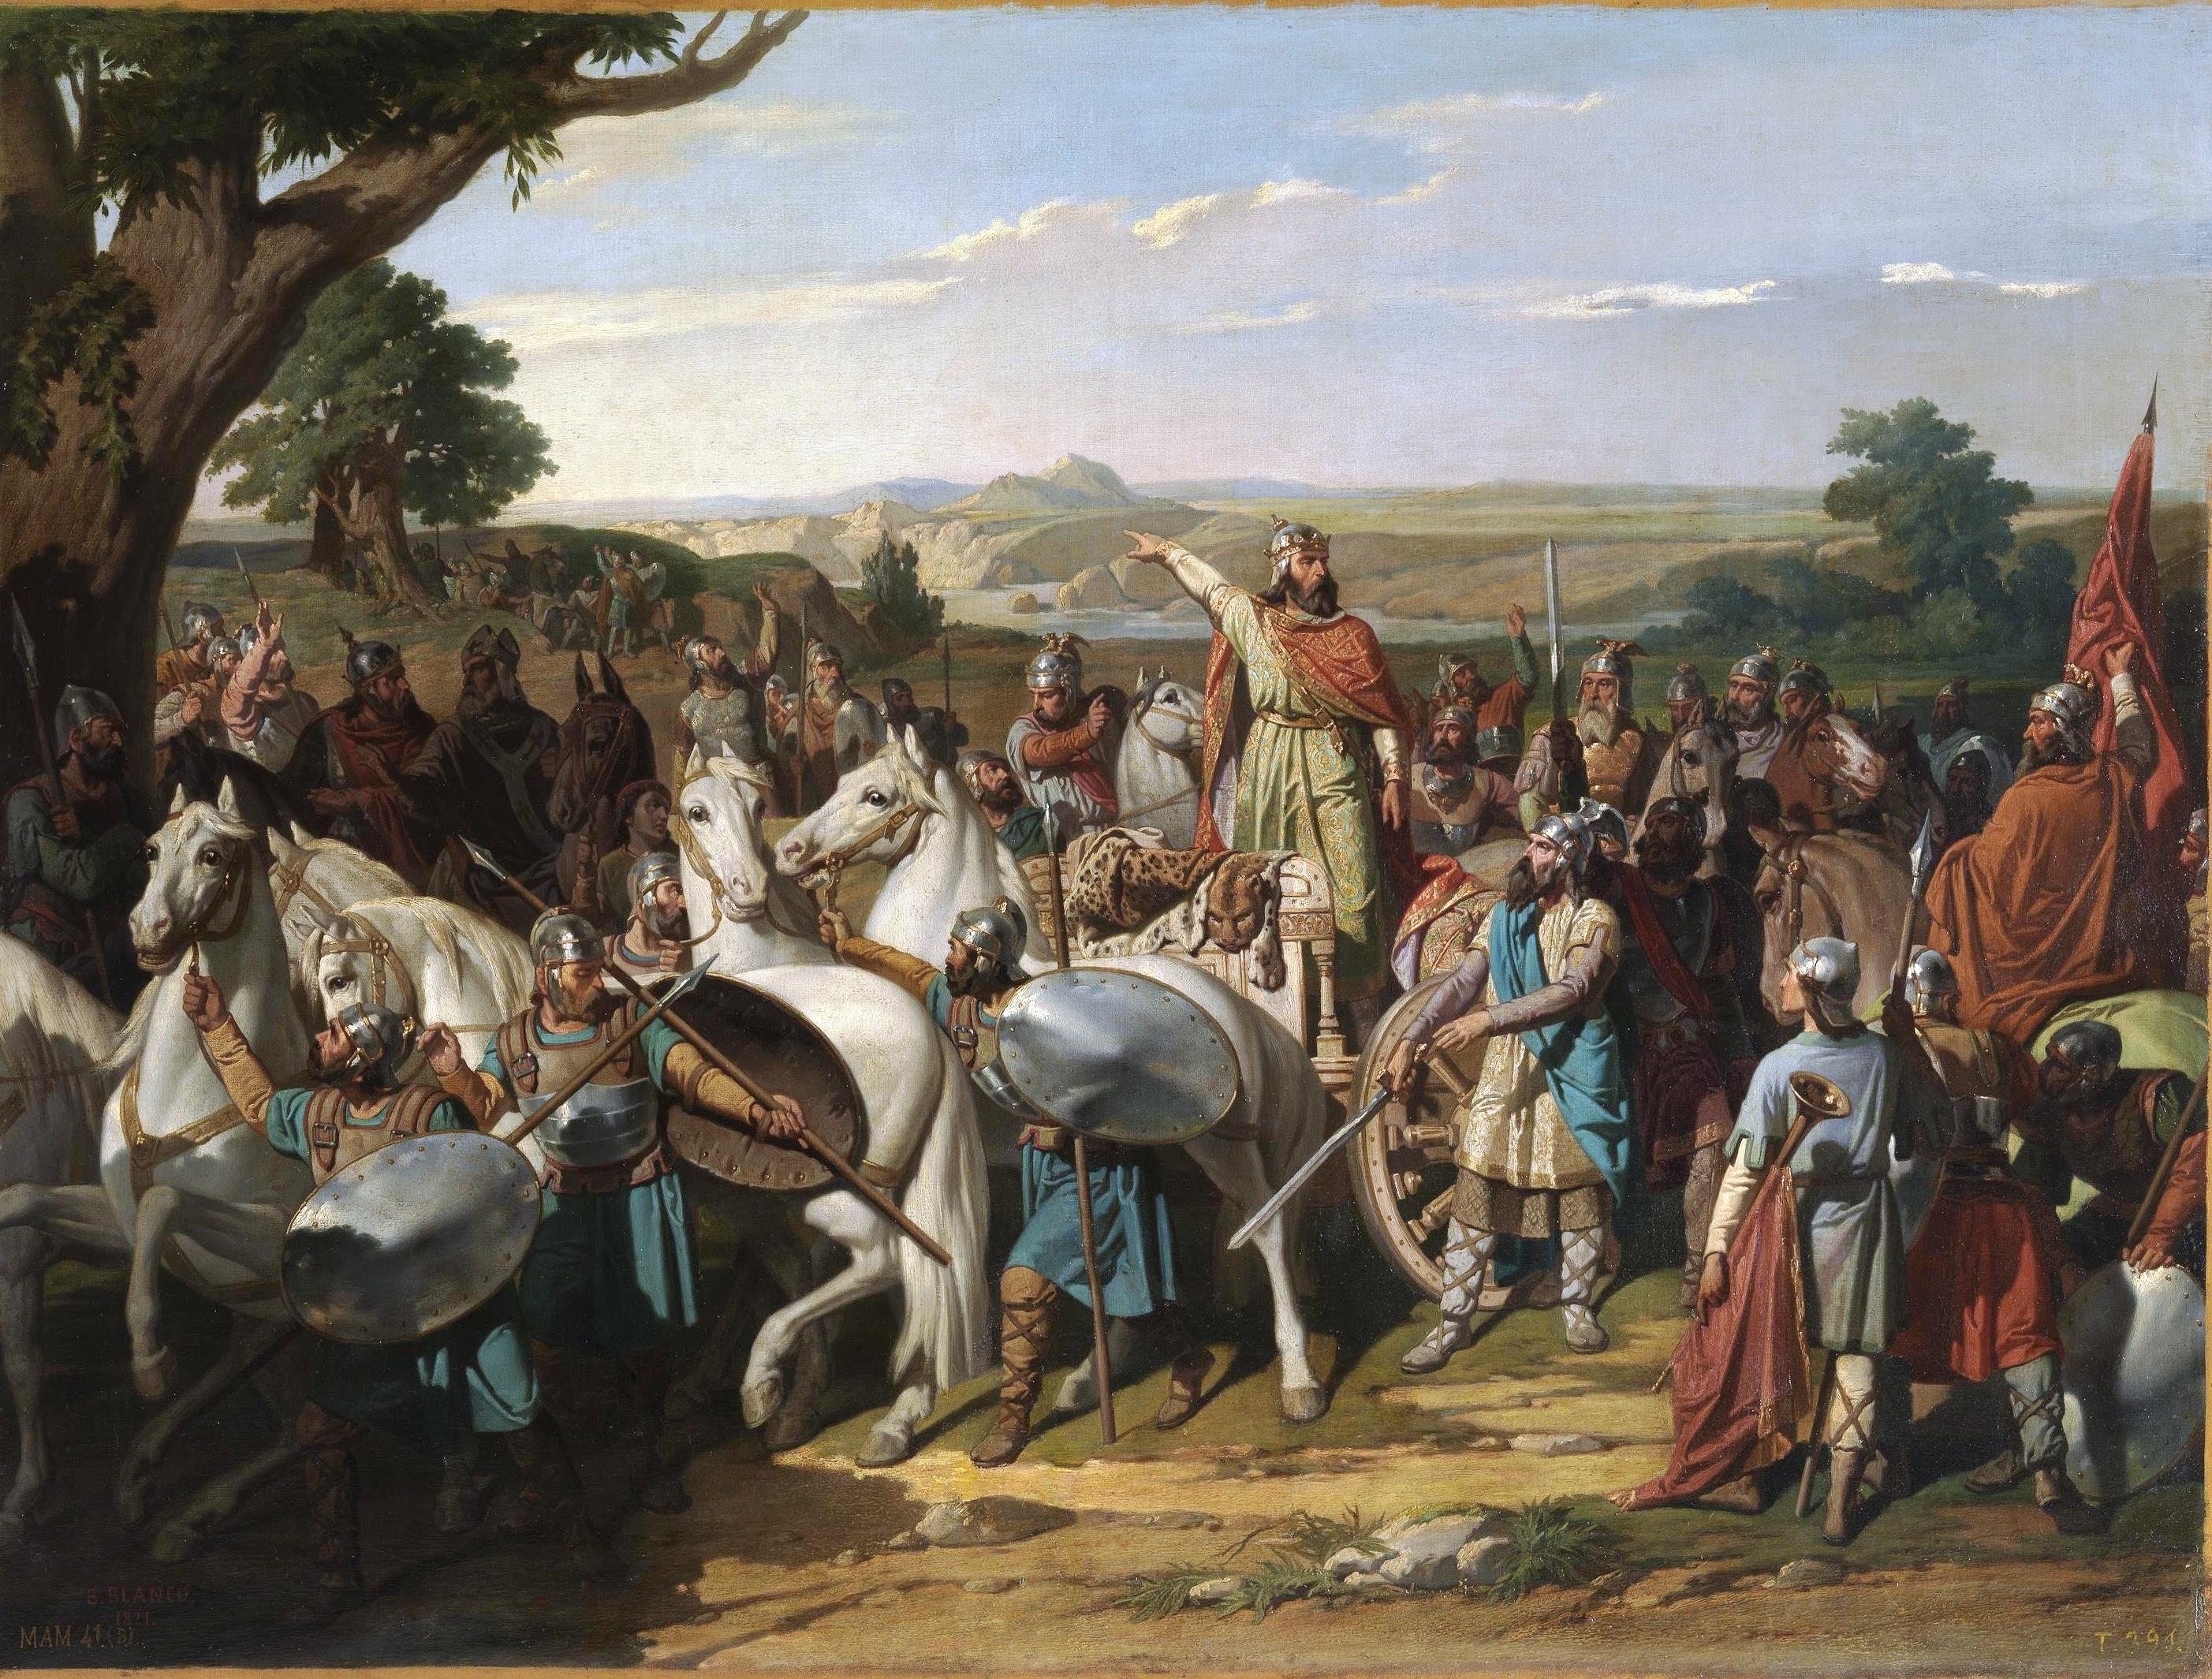 El_rey_Don_Rodrigo_arengando_a_sus_tropas_en_la_batalla_de_Guadalete_ (Museo_del_Prado)